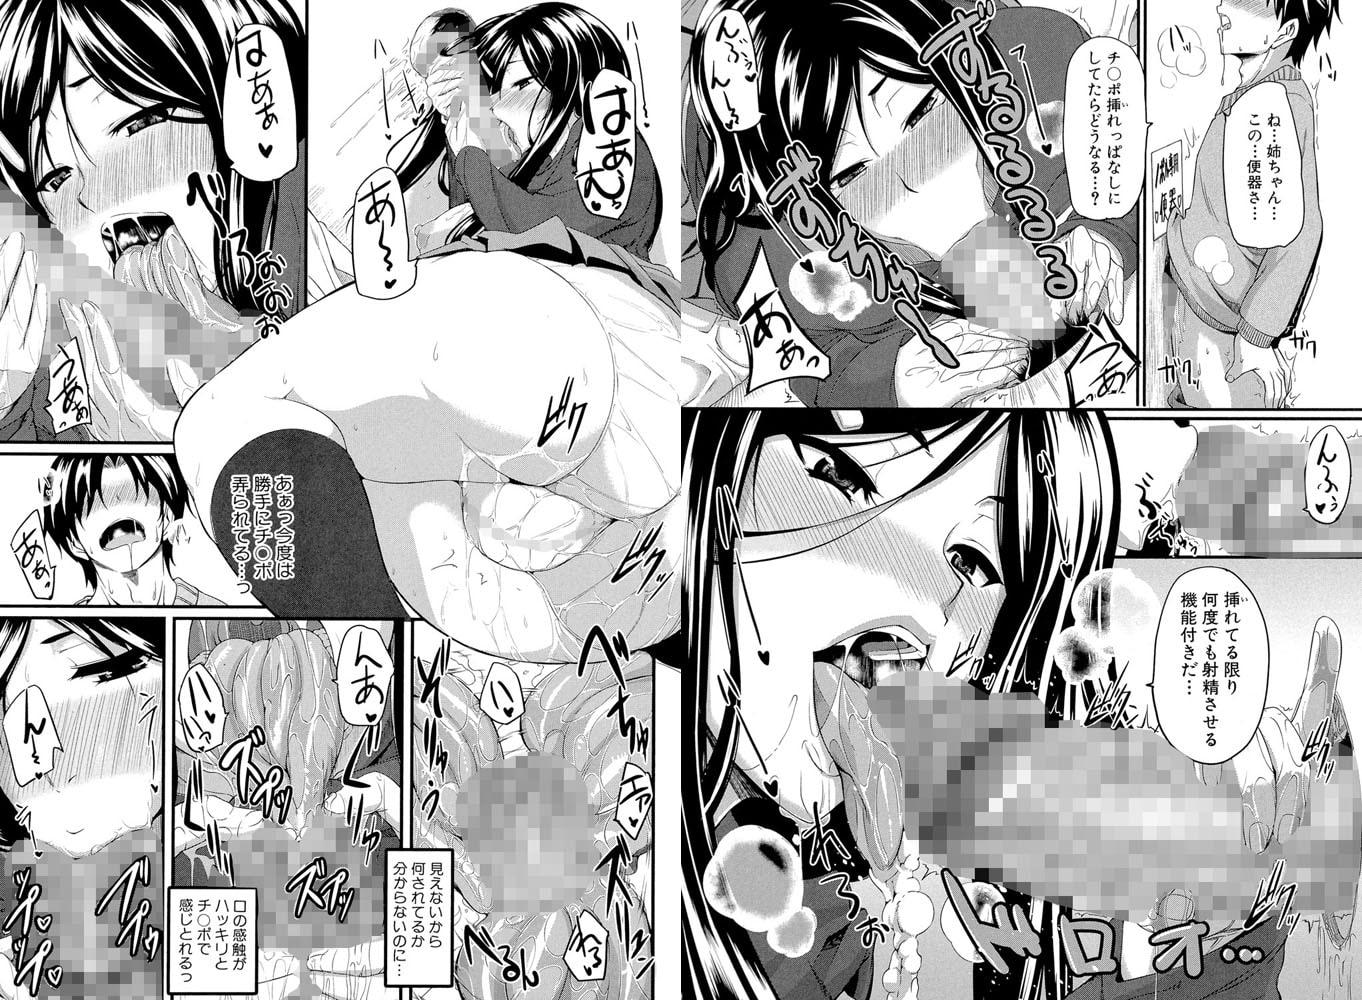 フェラピュア【1話体験版付き】